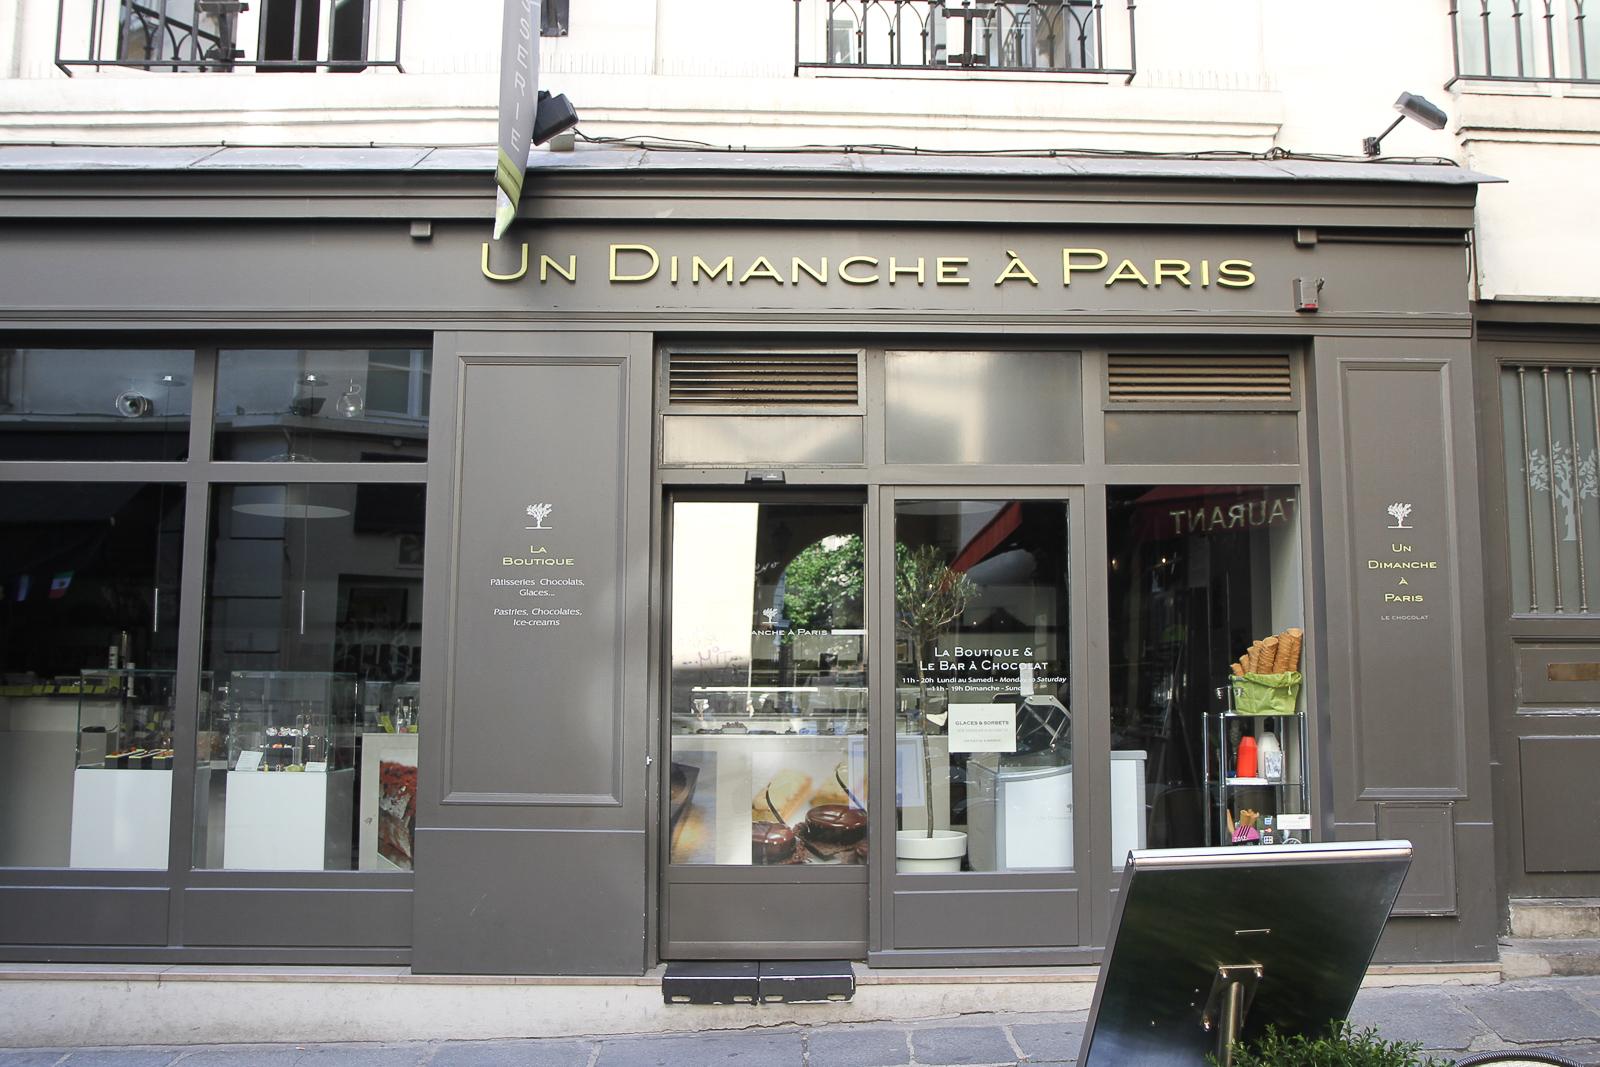 21 Rue Bonaparte 75006 Paris #8: Ladurée: 21 Rue Bonaparte, 75006 Paris | Métro Saint Germain Des Près Or  Les Marquis De Ladurée: 14 Rue Castiglione, 75001 Paris | Métro Tuileries